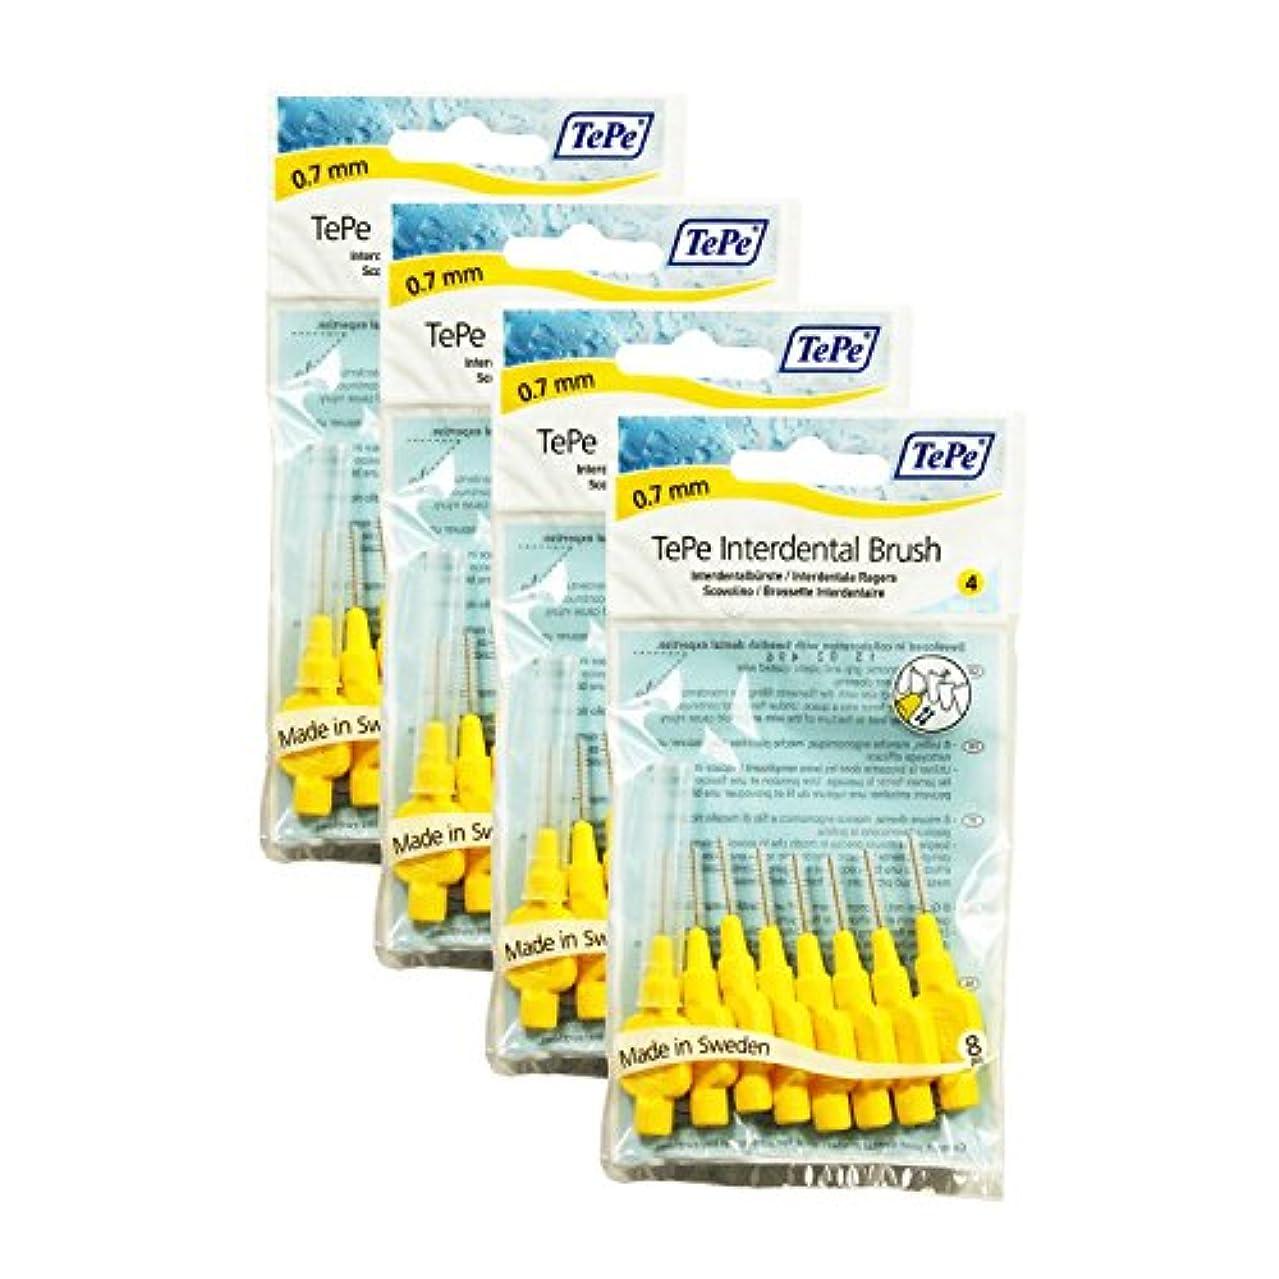 異常富風邪をひくTePe Interdental Brushes 0.7mm Yellow - 4 Packets of 8 (32 Brushes) by TePe